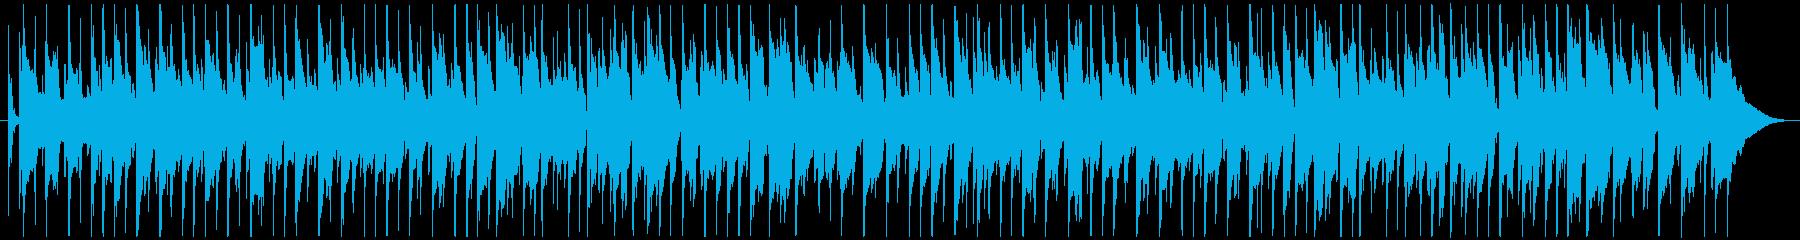 のんびり温泉めぐり(ドブロ・ギター他)の再生済みの波形